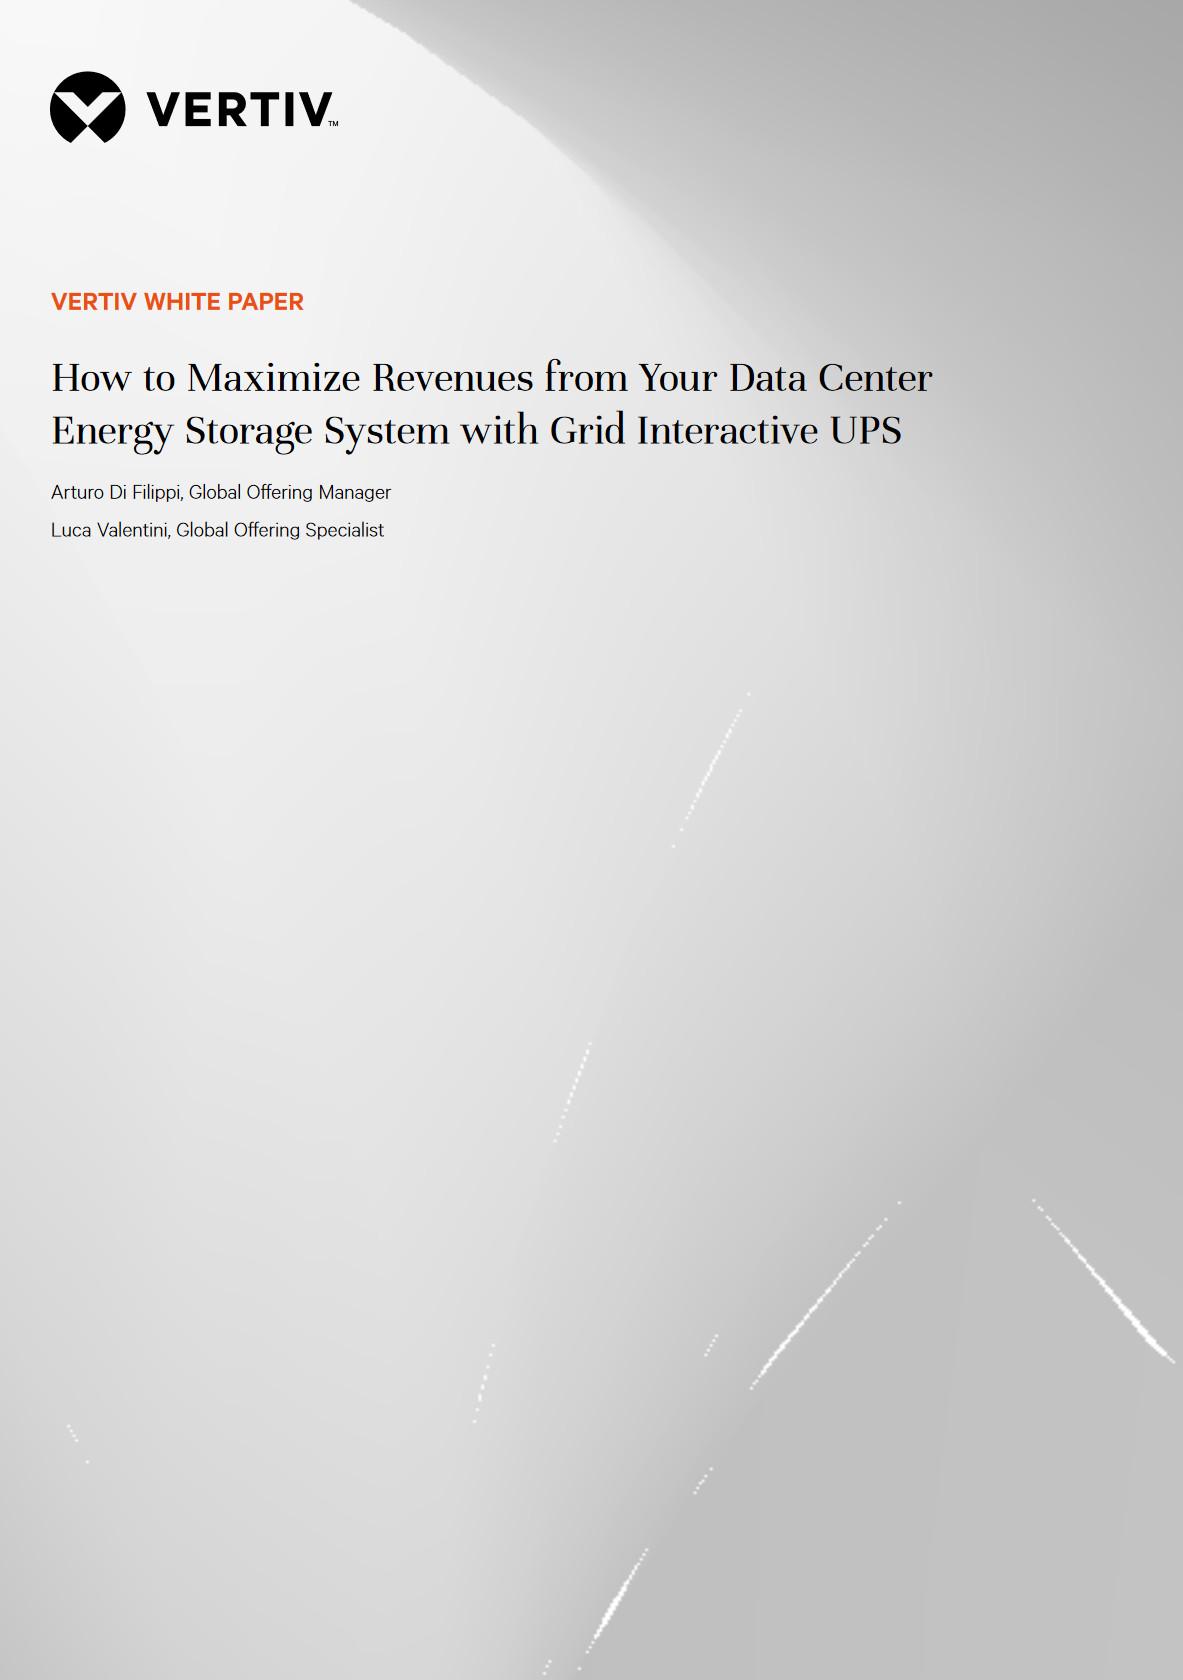 Vertiv Energy Storage White Paper